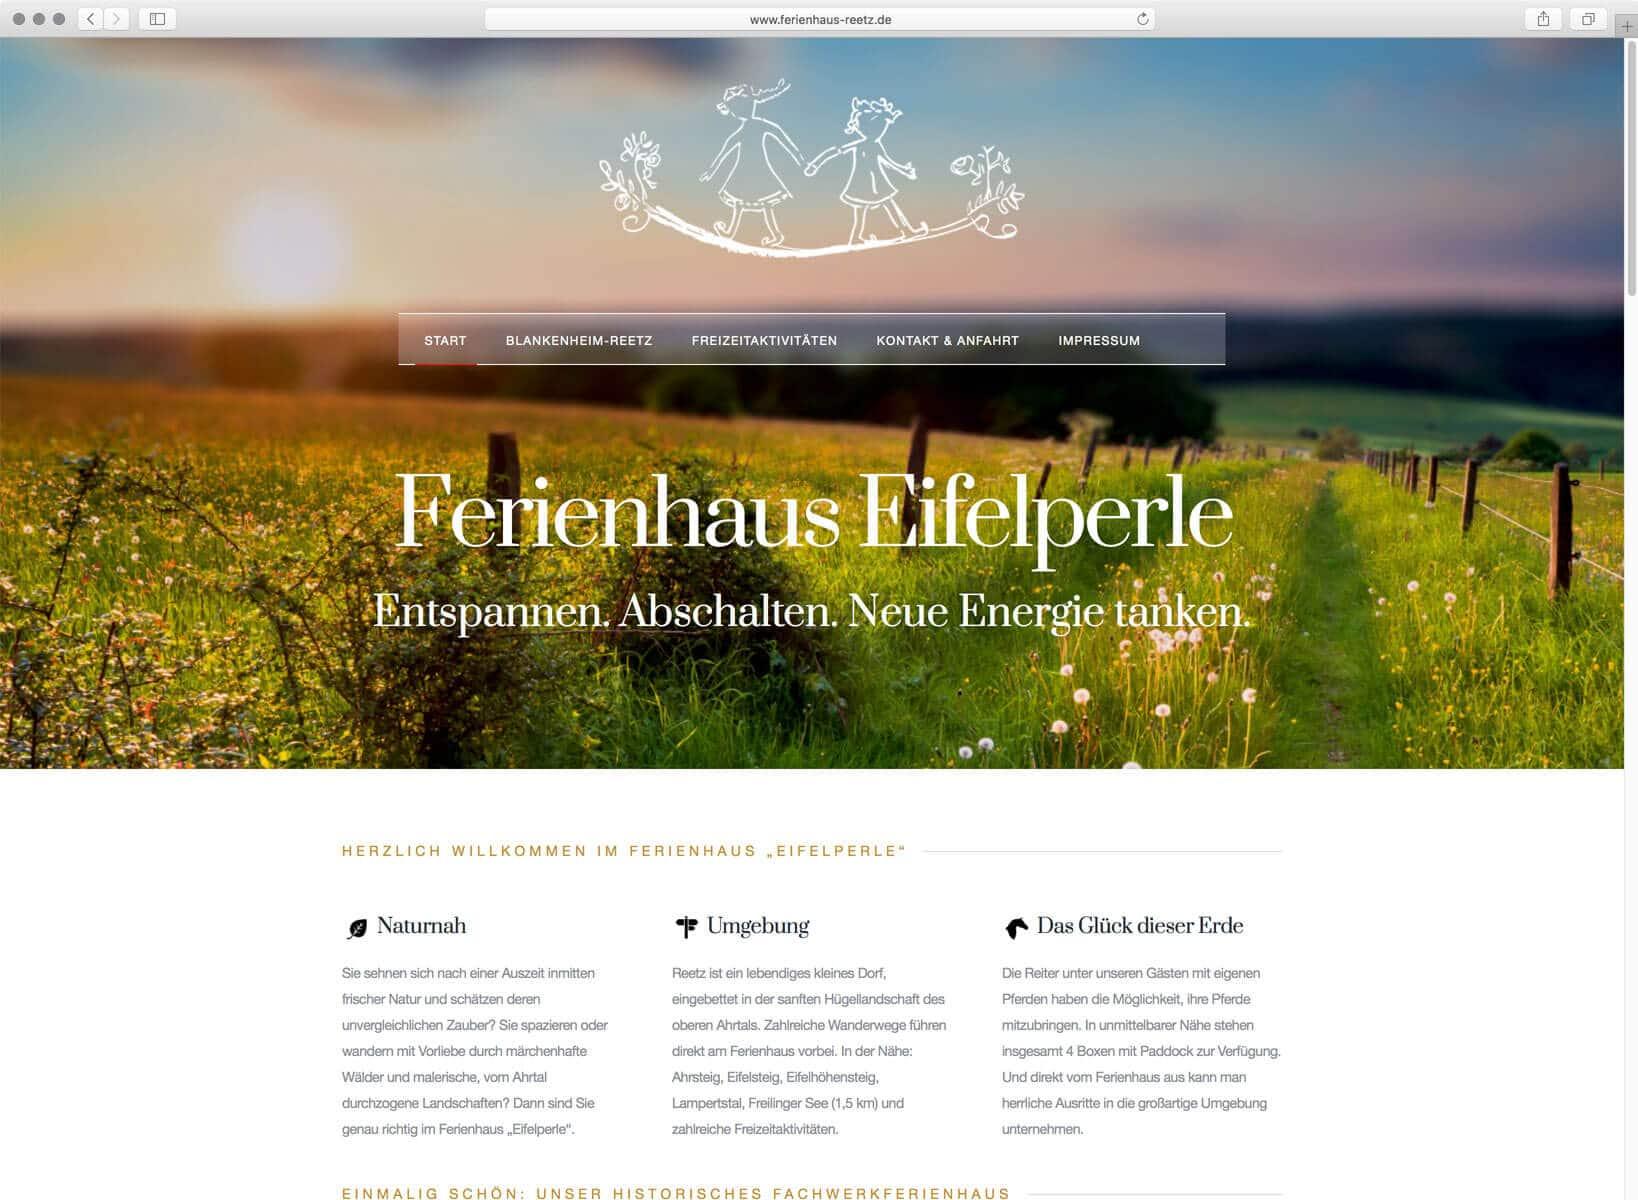 www.ferienhaus-reetz.de